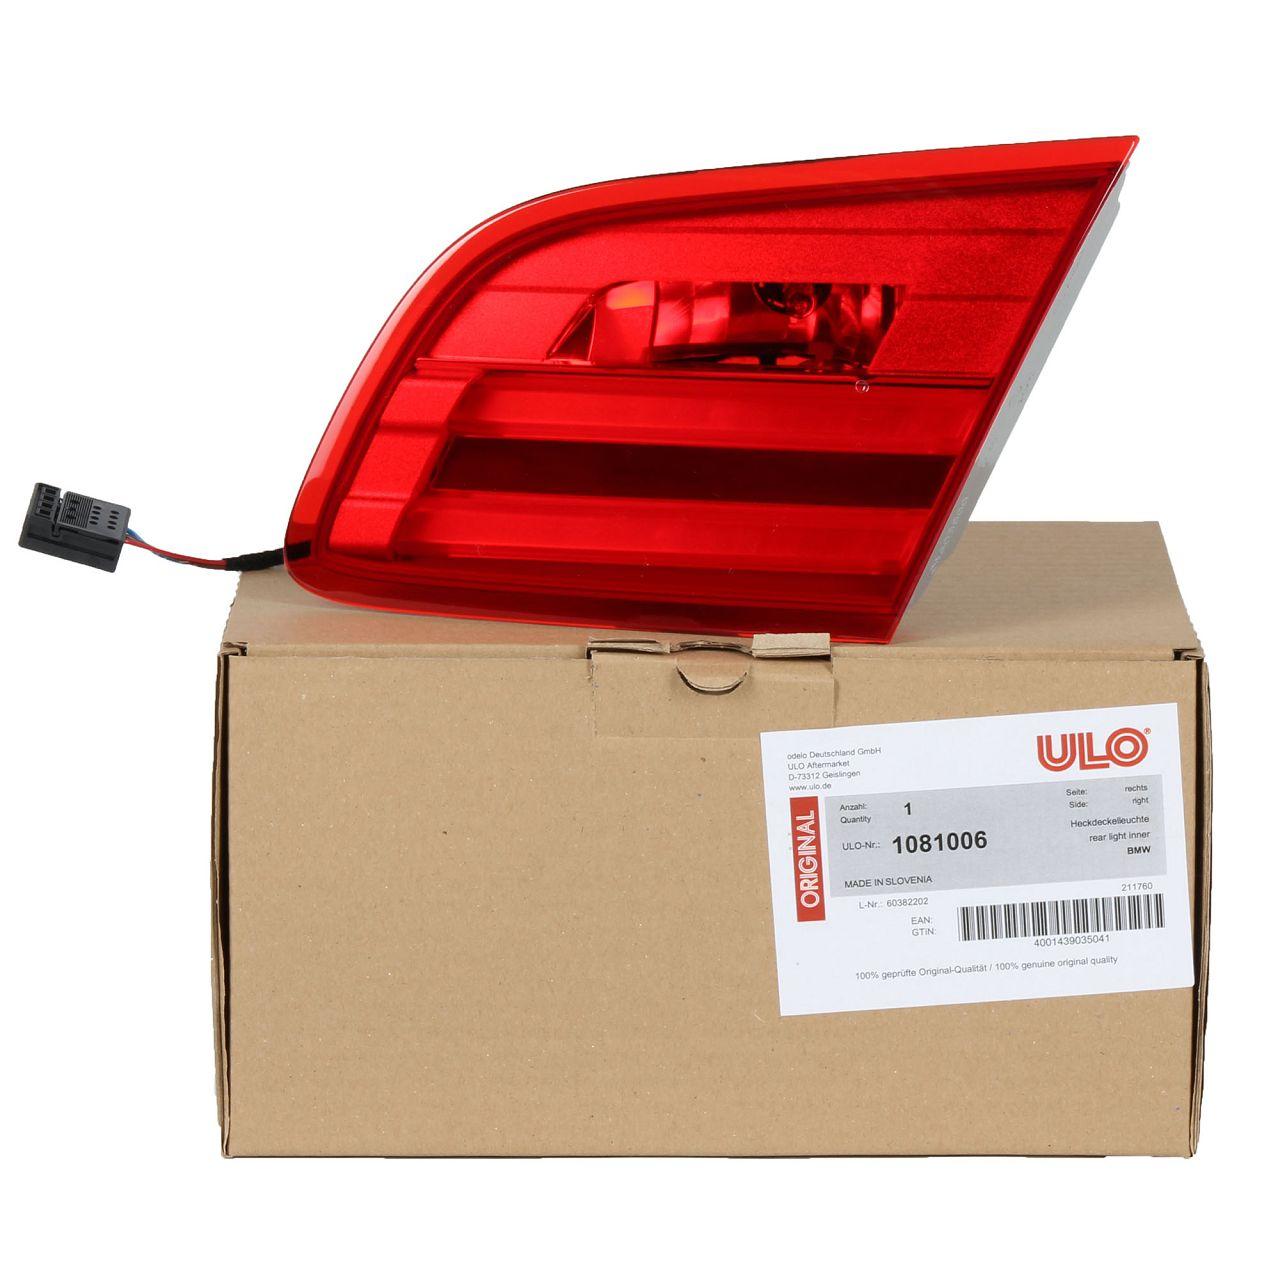 ULO Heckleuchte Rückleuchte LED für BMW 3er CABRIO E93 Facelift INNEN RECHTS